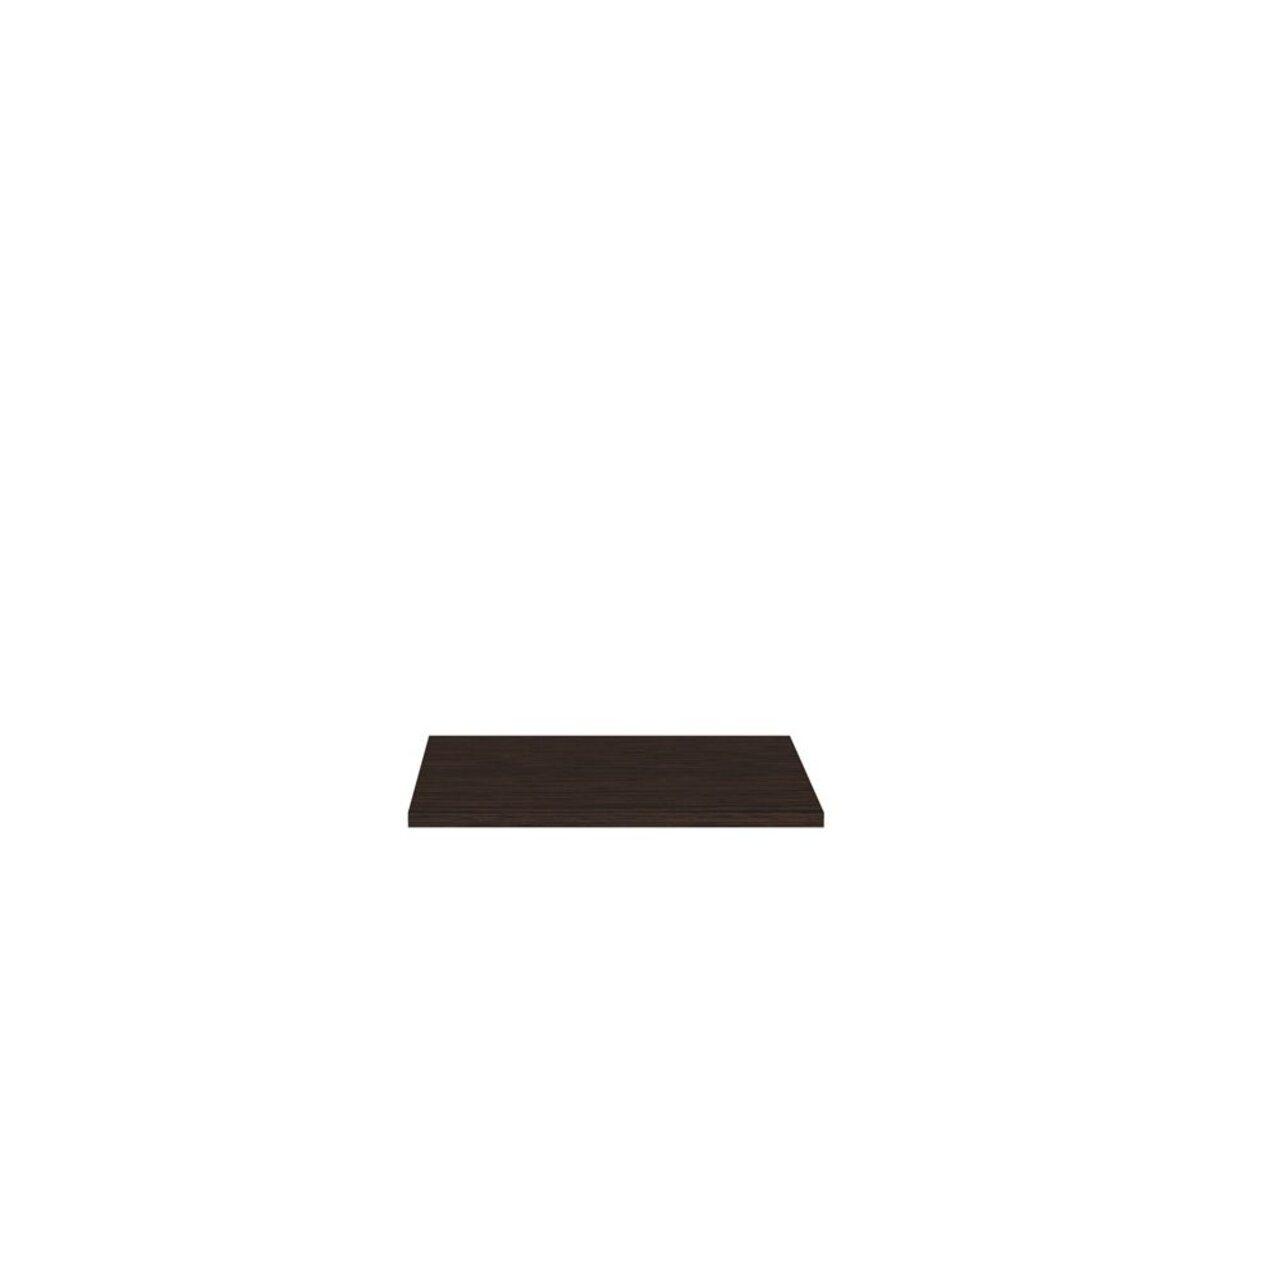 Топ декоративный для стеллажей  Бонд 88x46x4 - фото 3